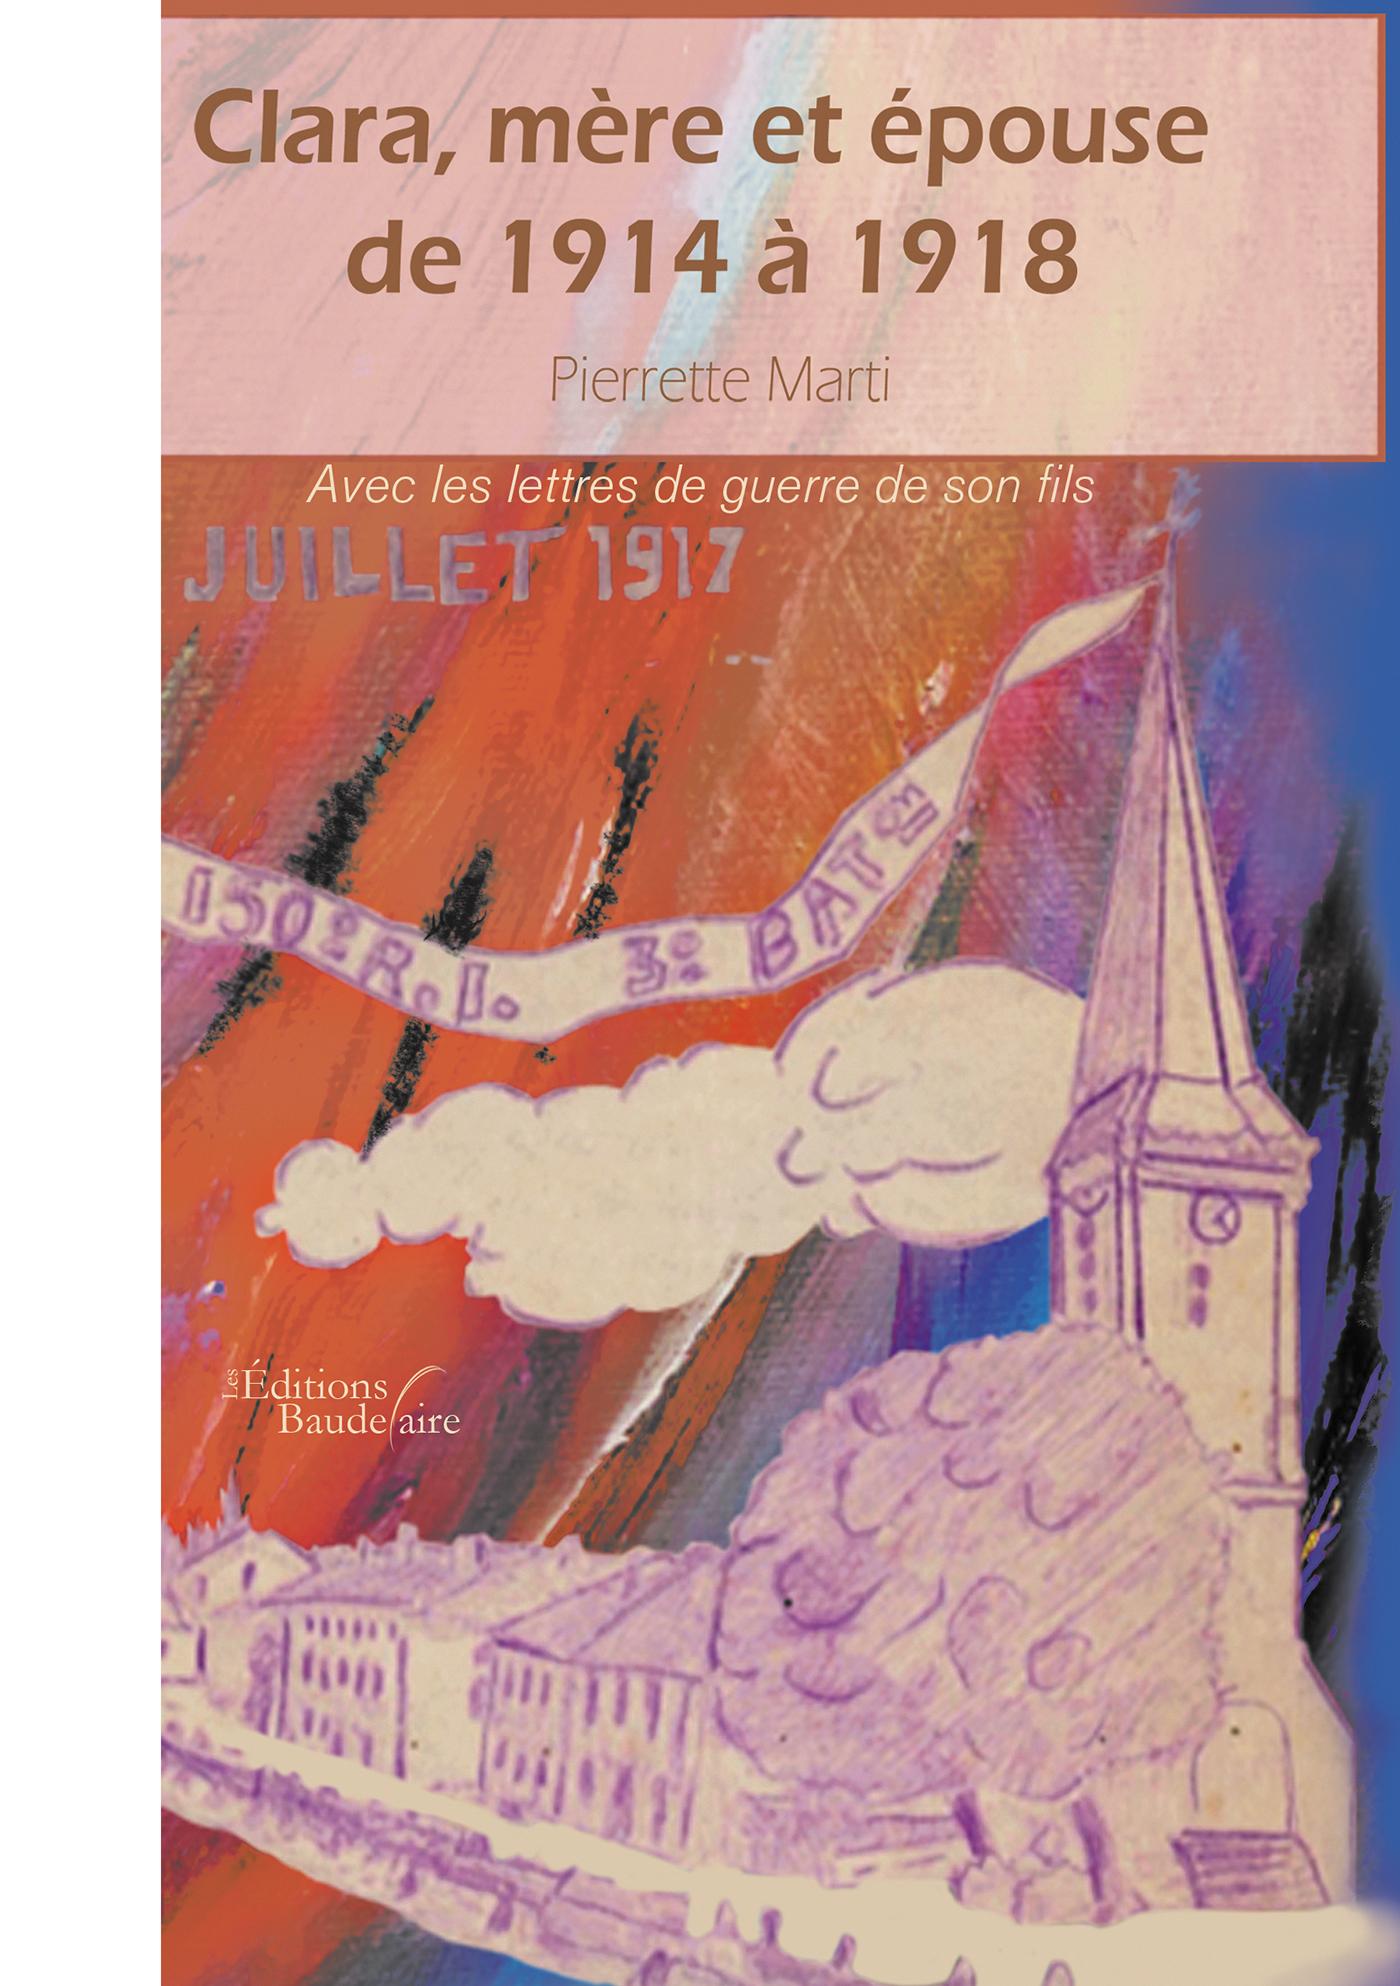 CLARA, MERE ET EPOUSE DE 1914 A 1918